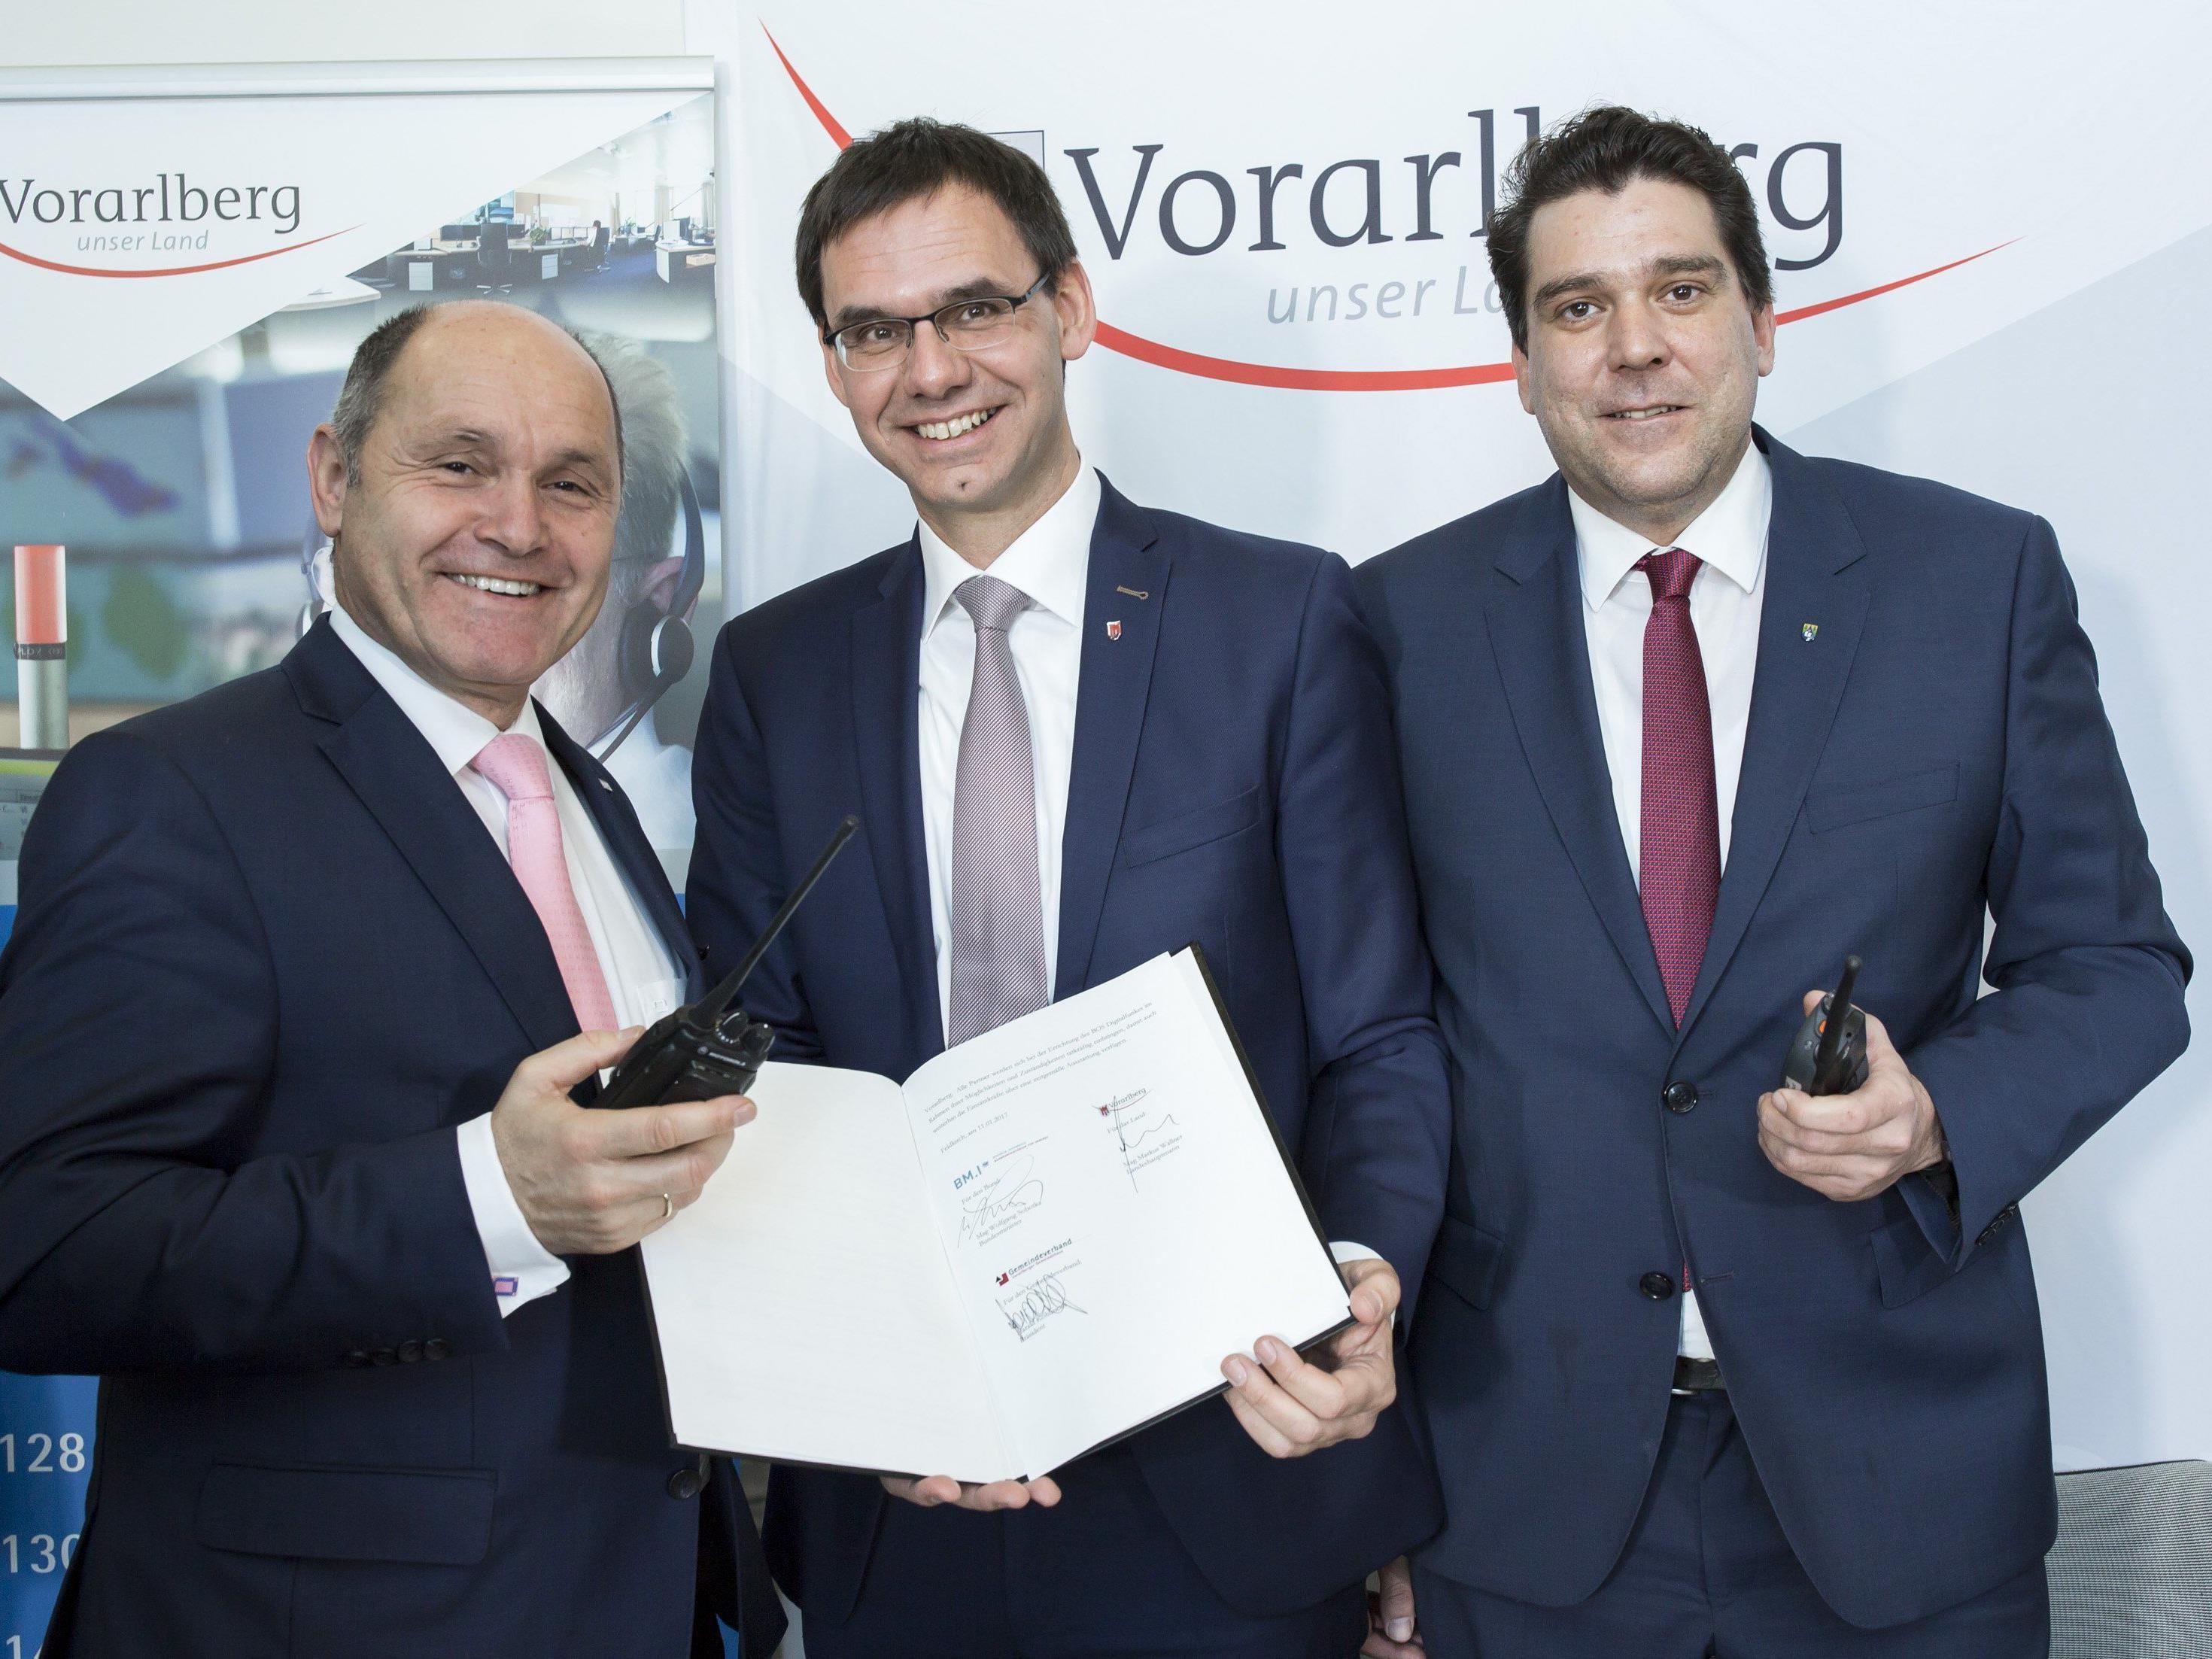 Neues Digitalfunknetz für Vorarlberg: Innenminister Wolfgang Sobotka, Landeshauptmann Markus Wallner und Gemeindeverbandspräsident Harald Köhlmeier unterzeichneten eine entsprechende Vereinbarung in der RFL in Feldkirch.